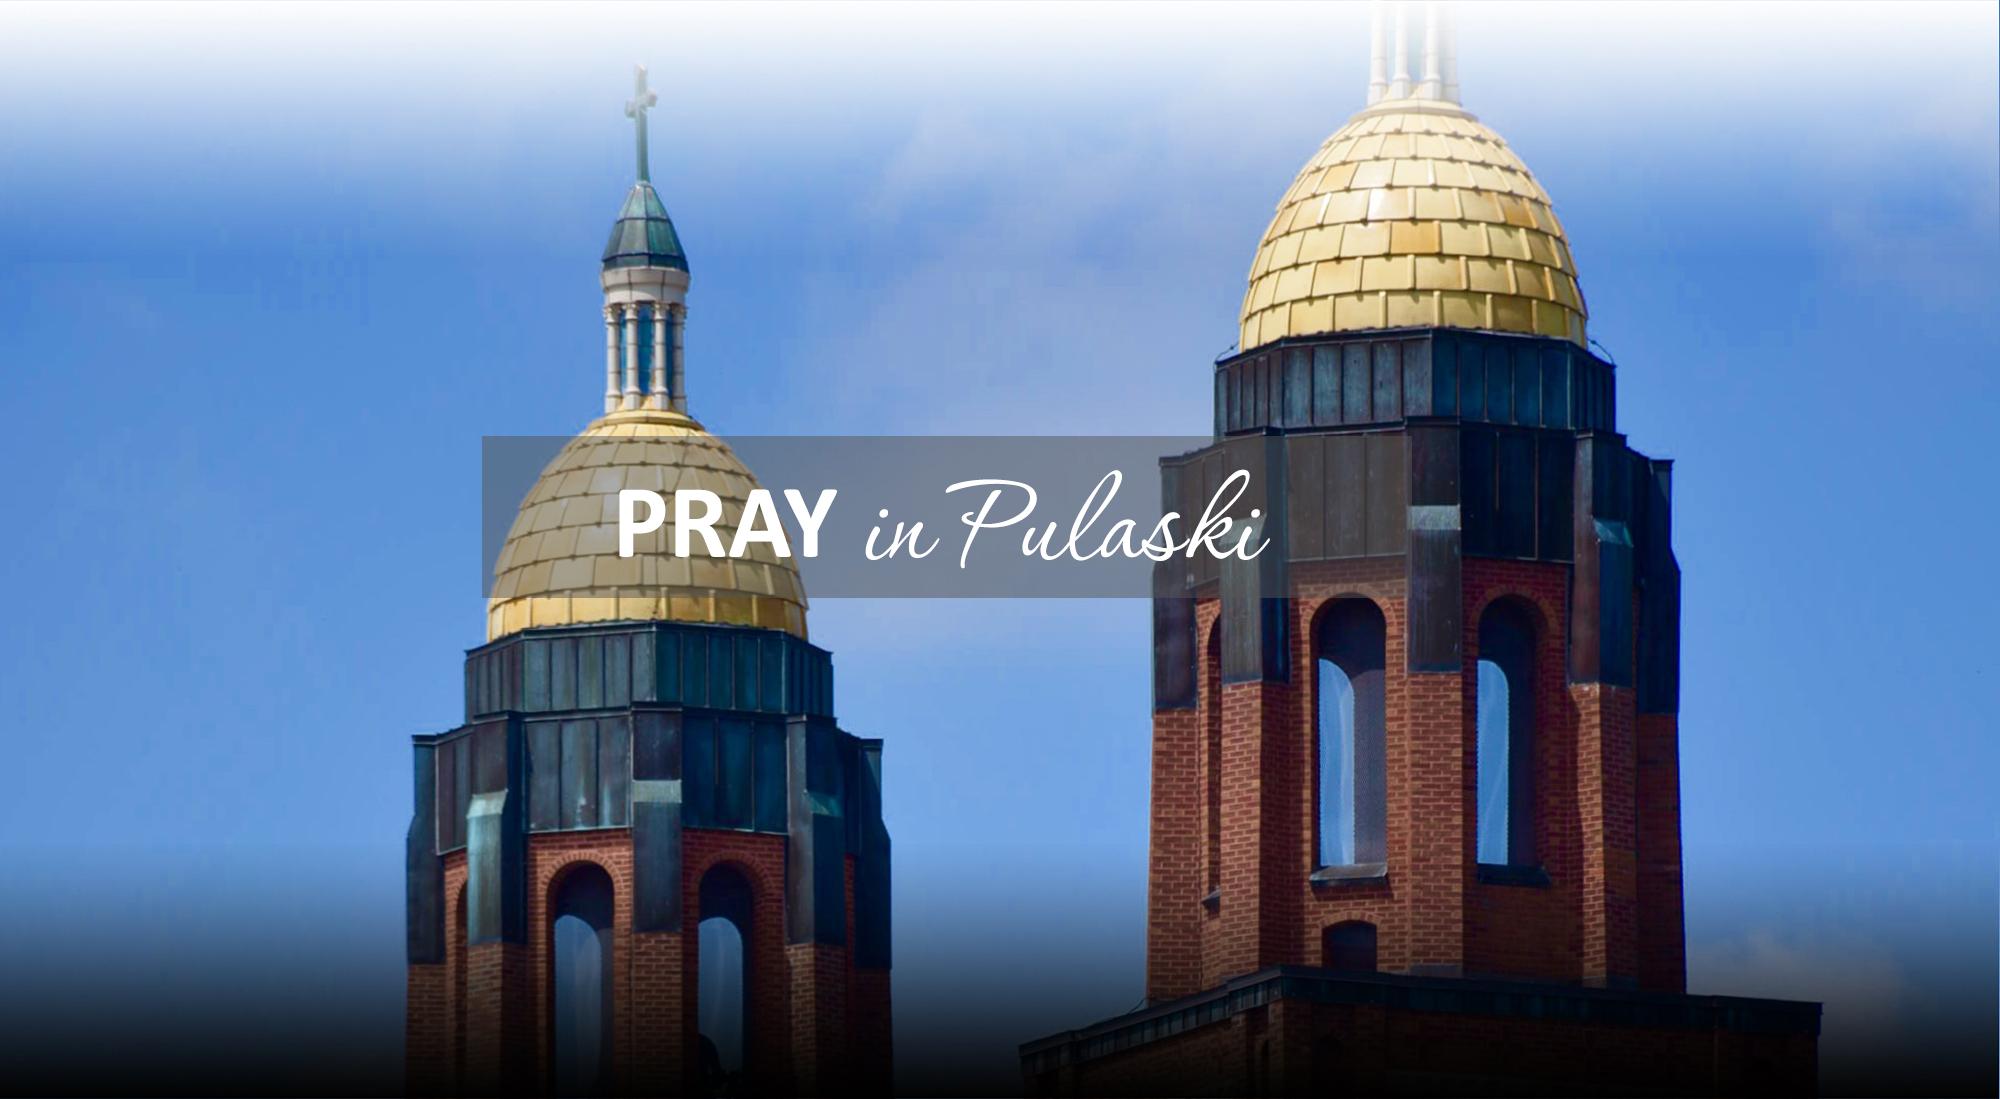 Pray in Pulaski